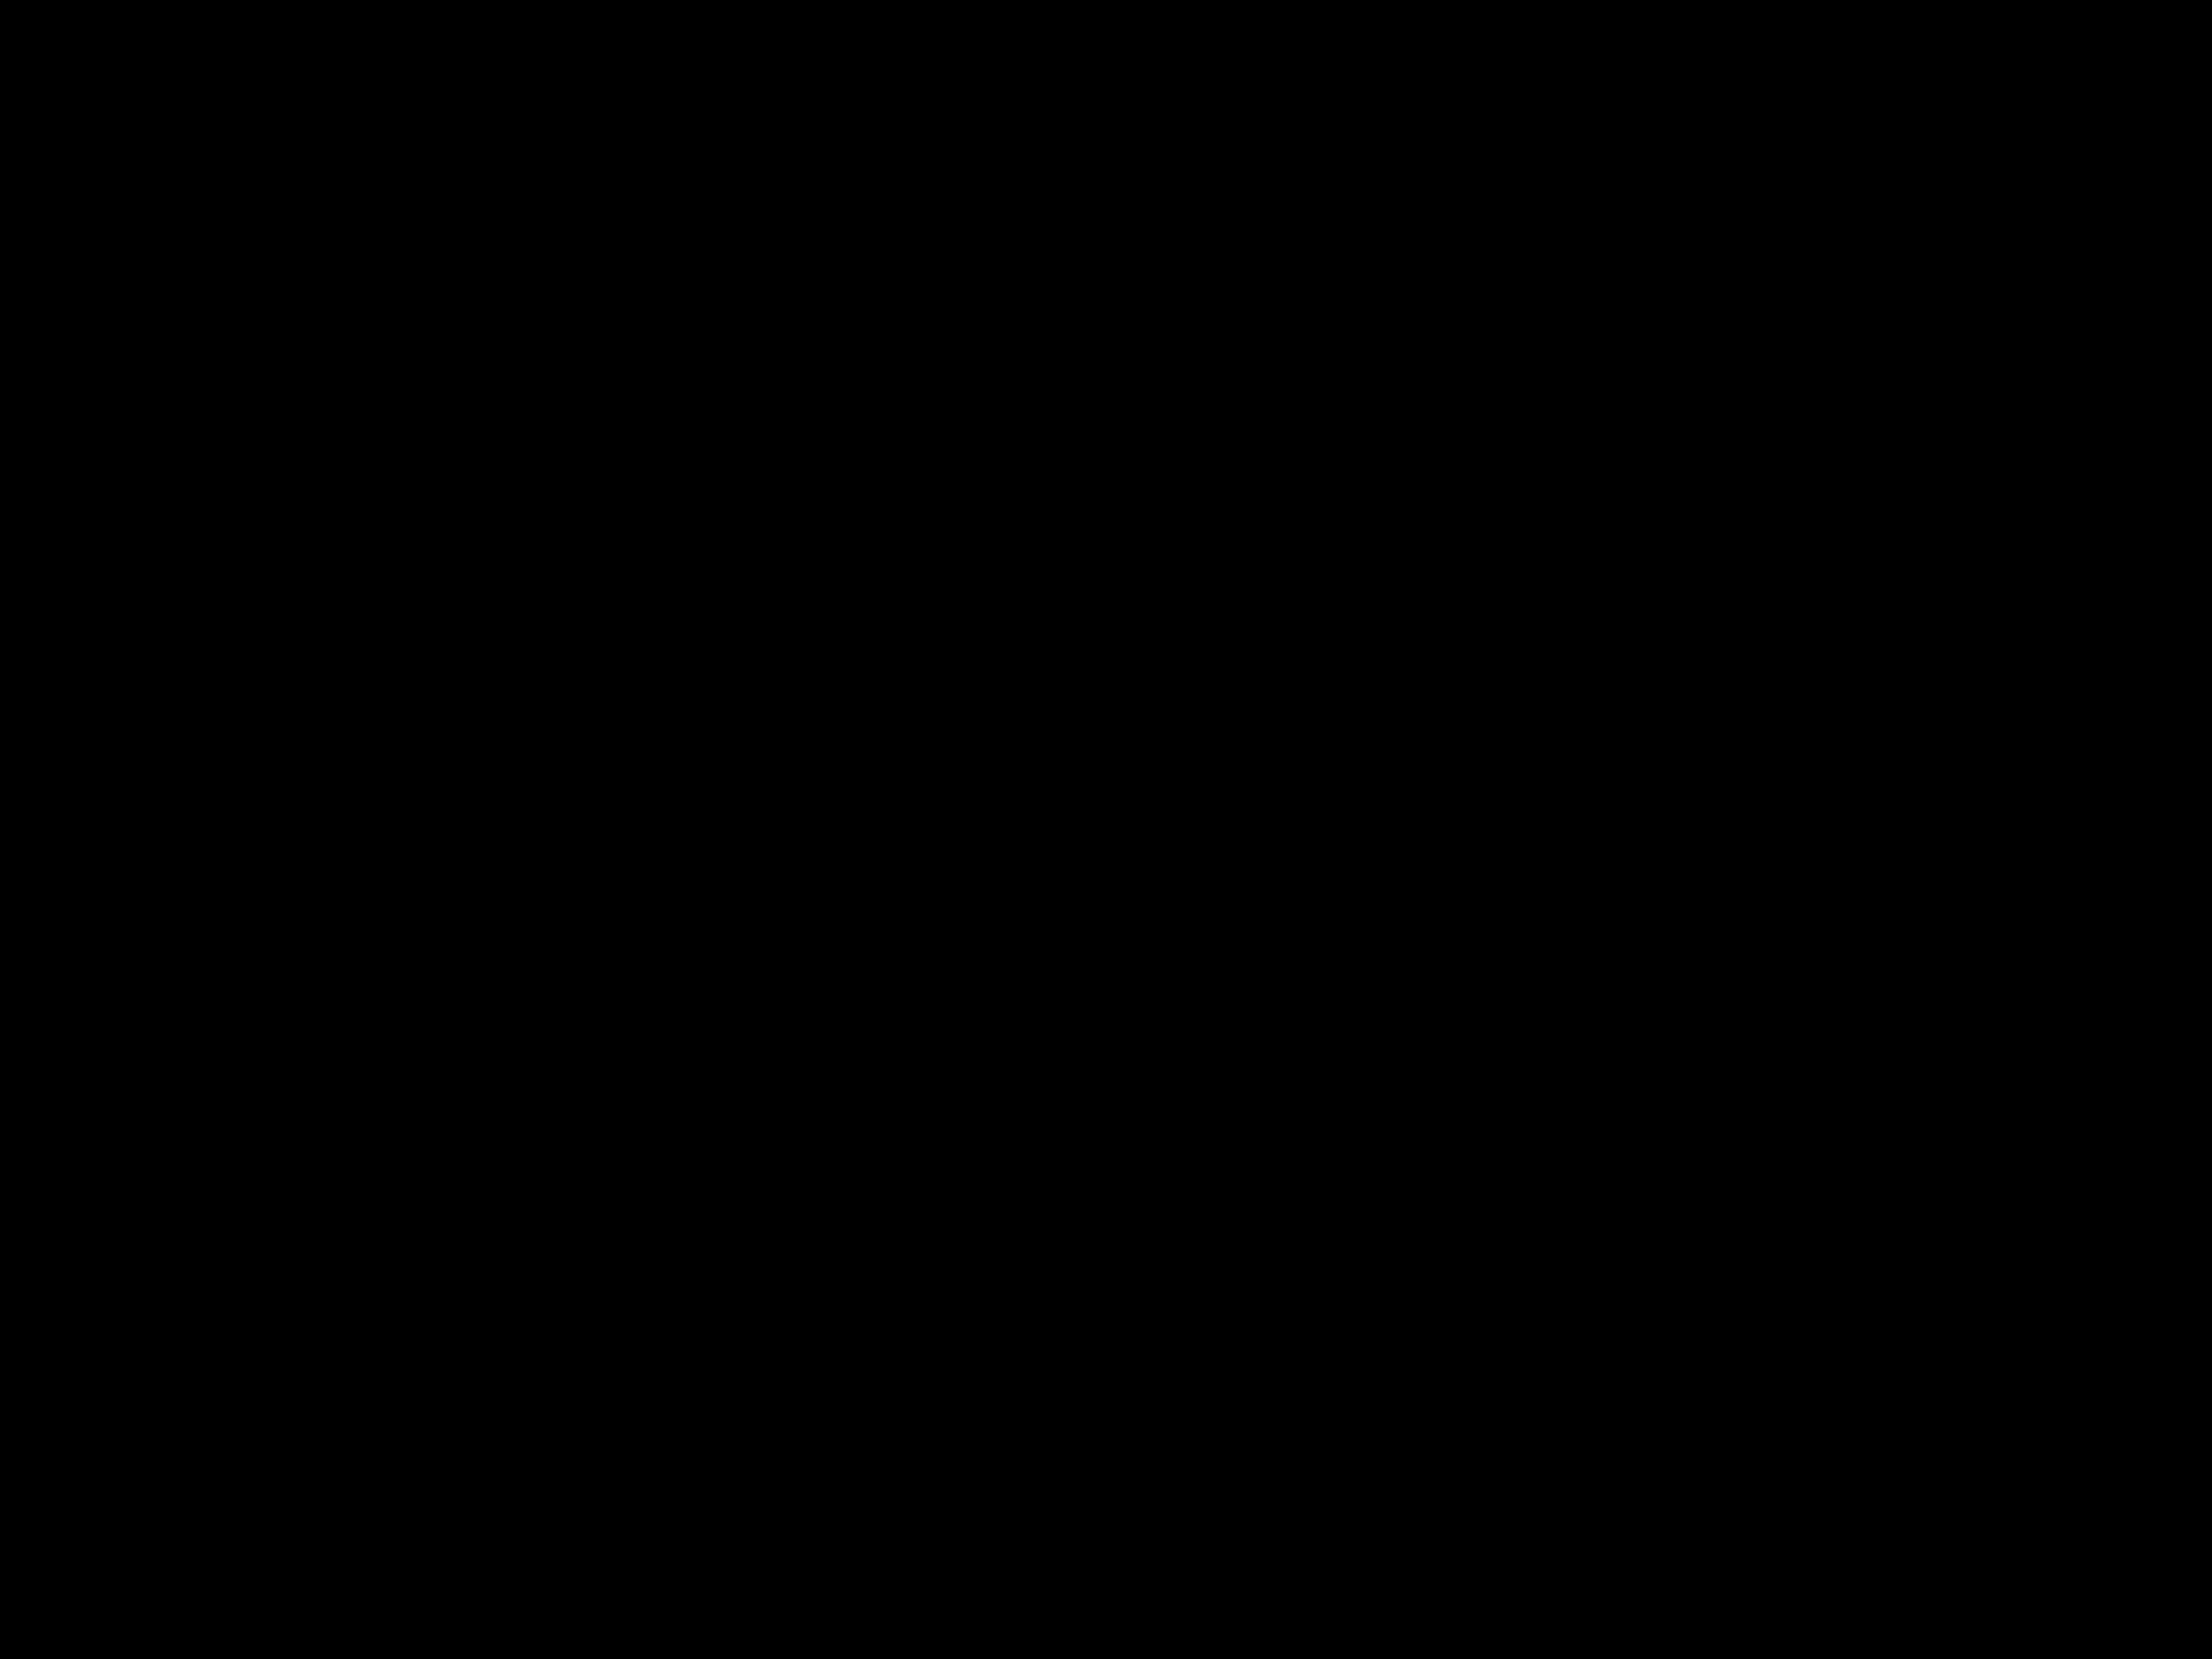 logo_designs-28.png